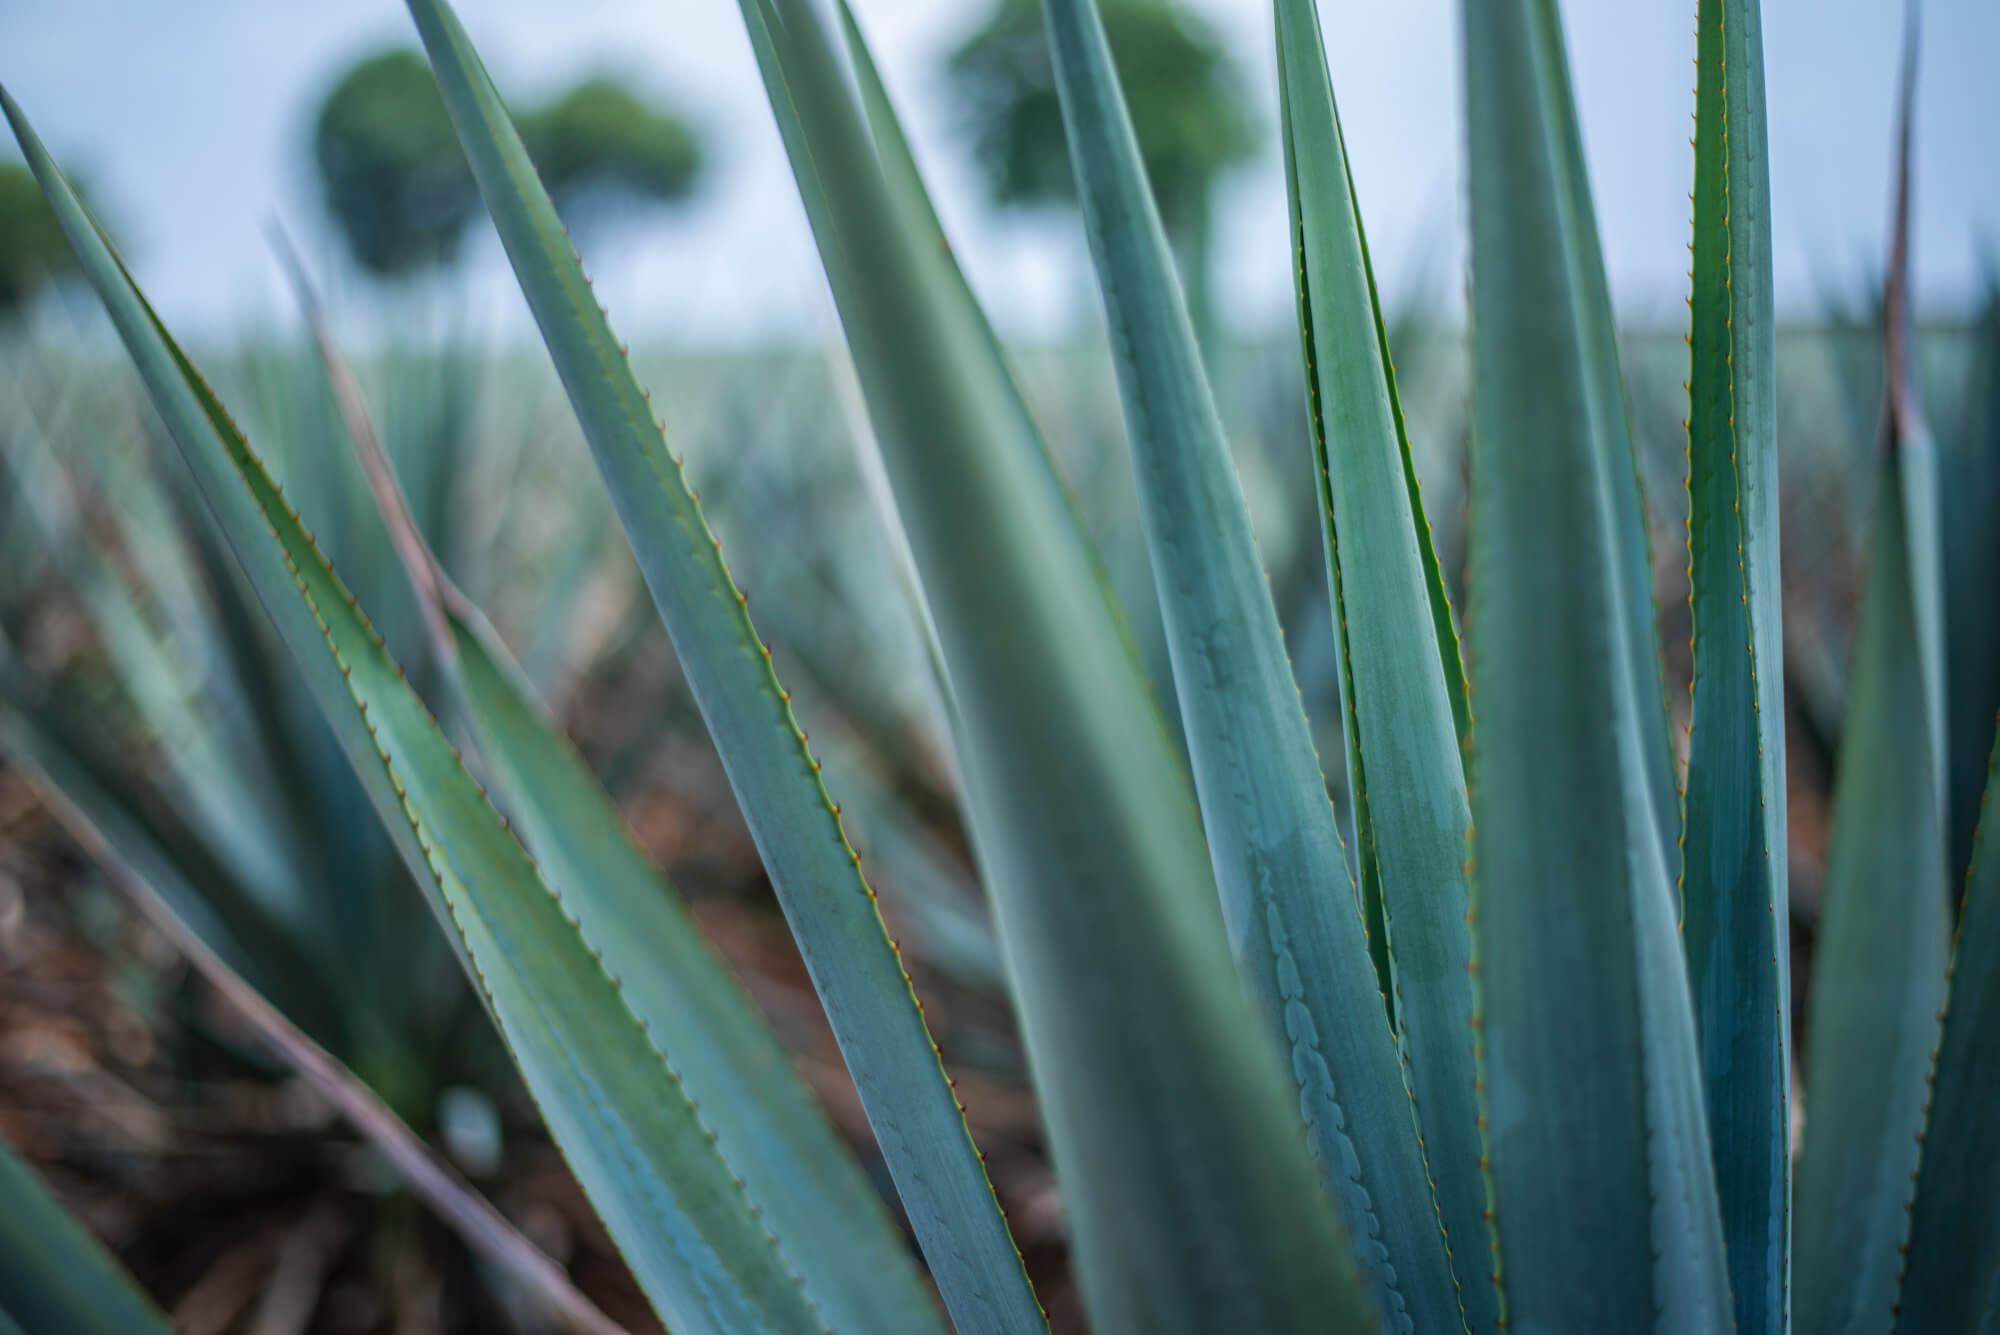 Blaue Agave für Tequila